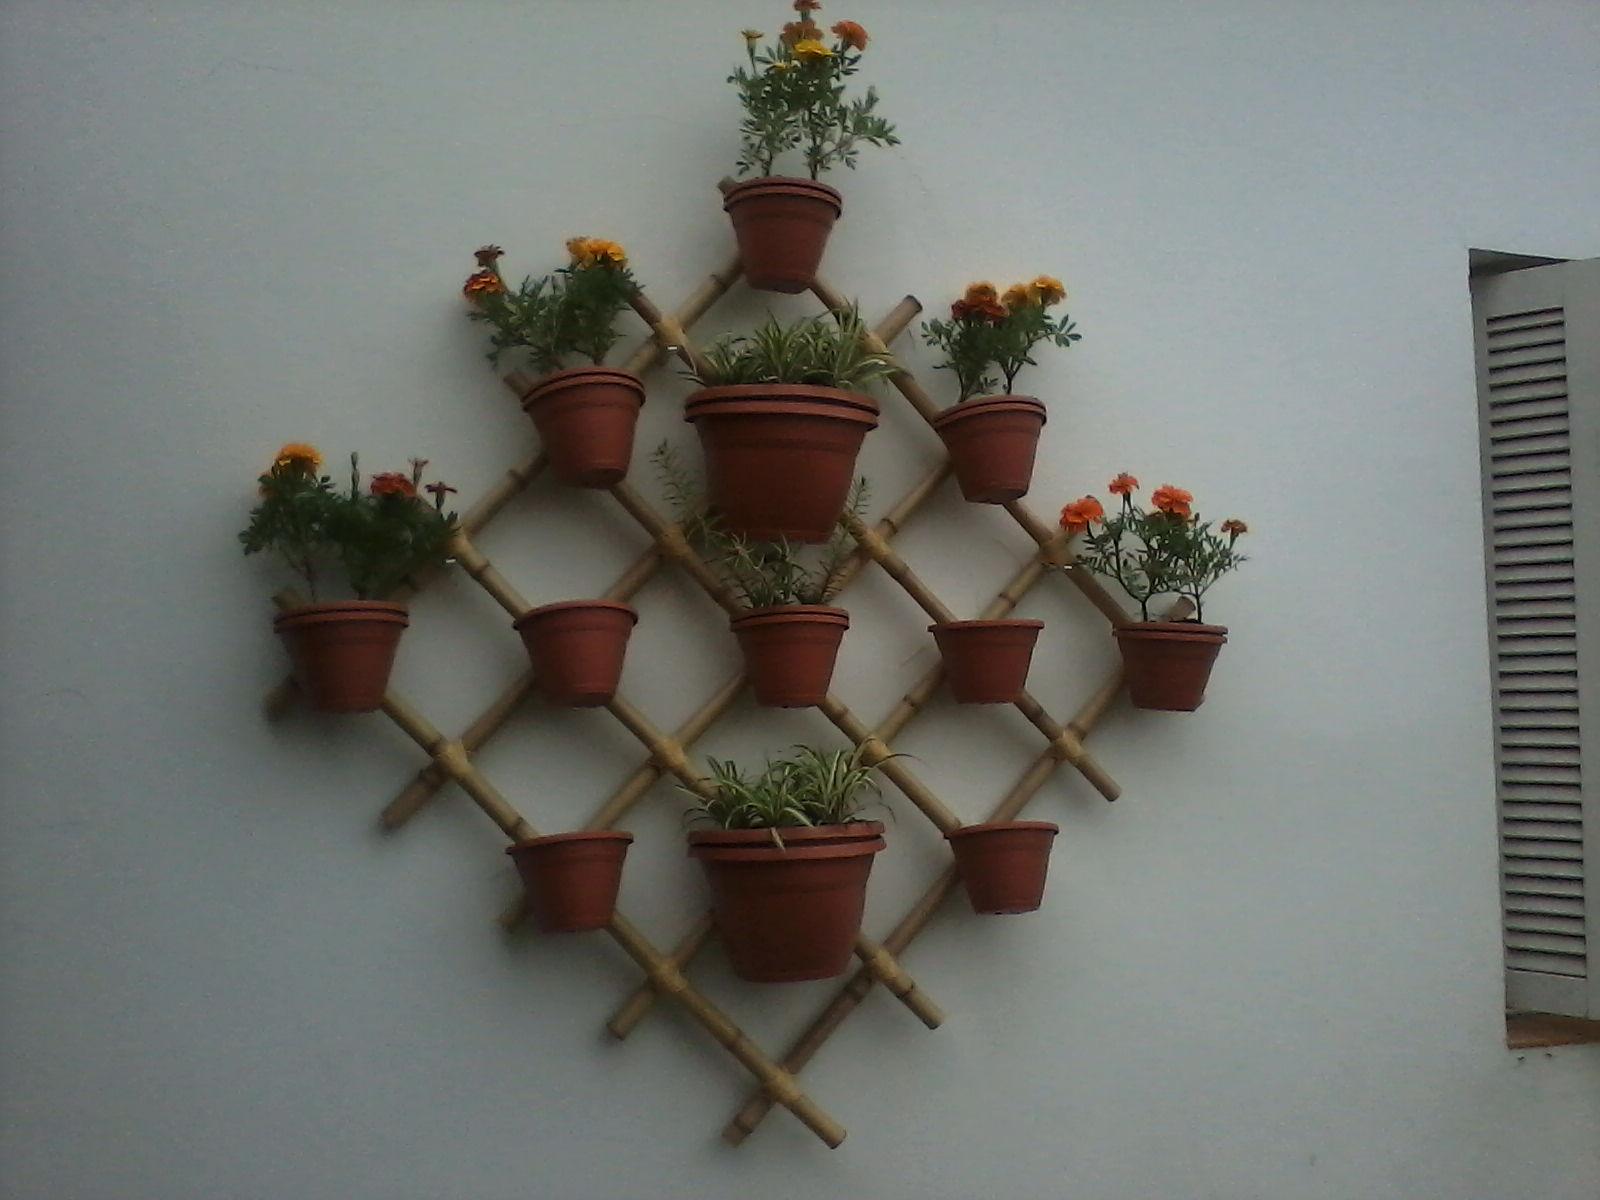 trelica bambu jardim : trelica bambu jardim:Flores & Plantas: Treliça de bambu com vasos